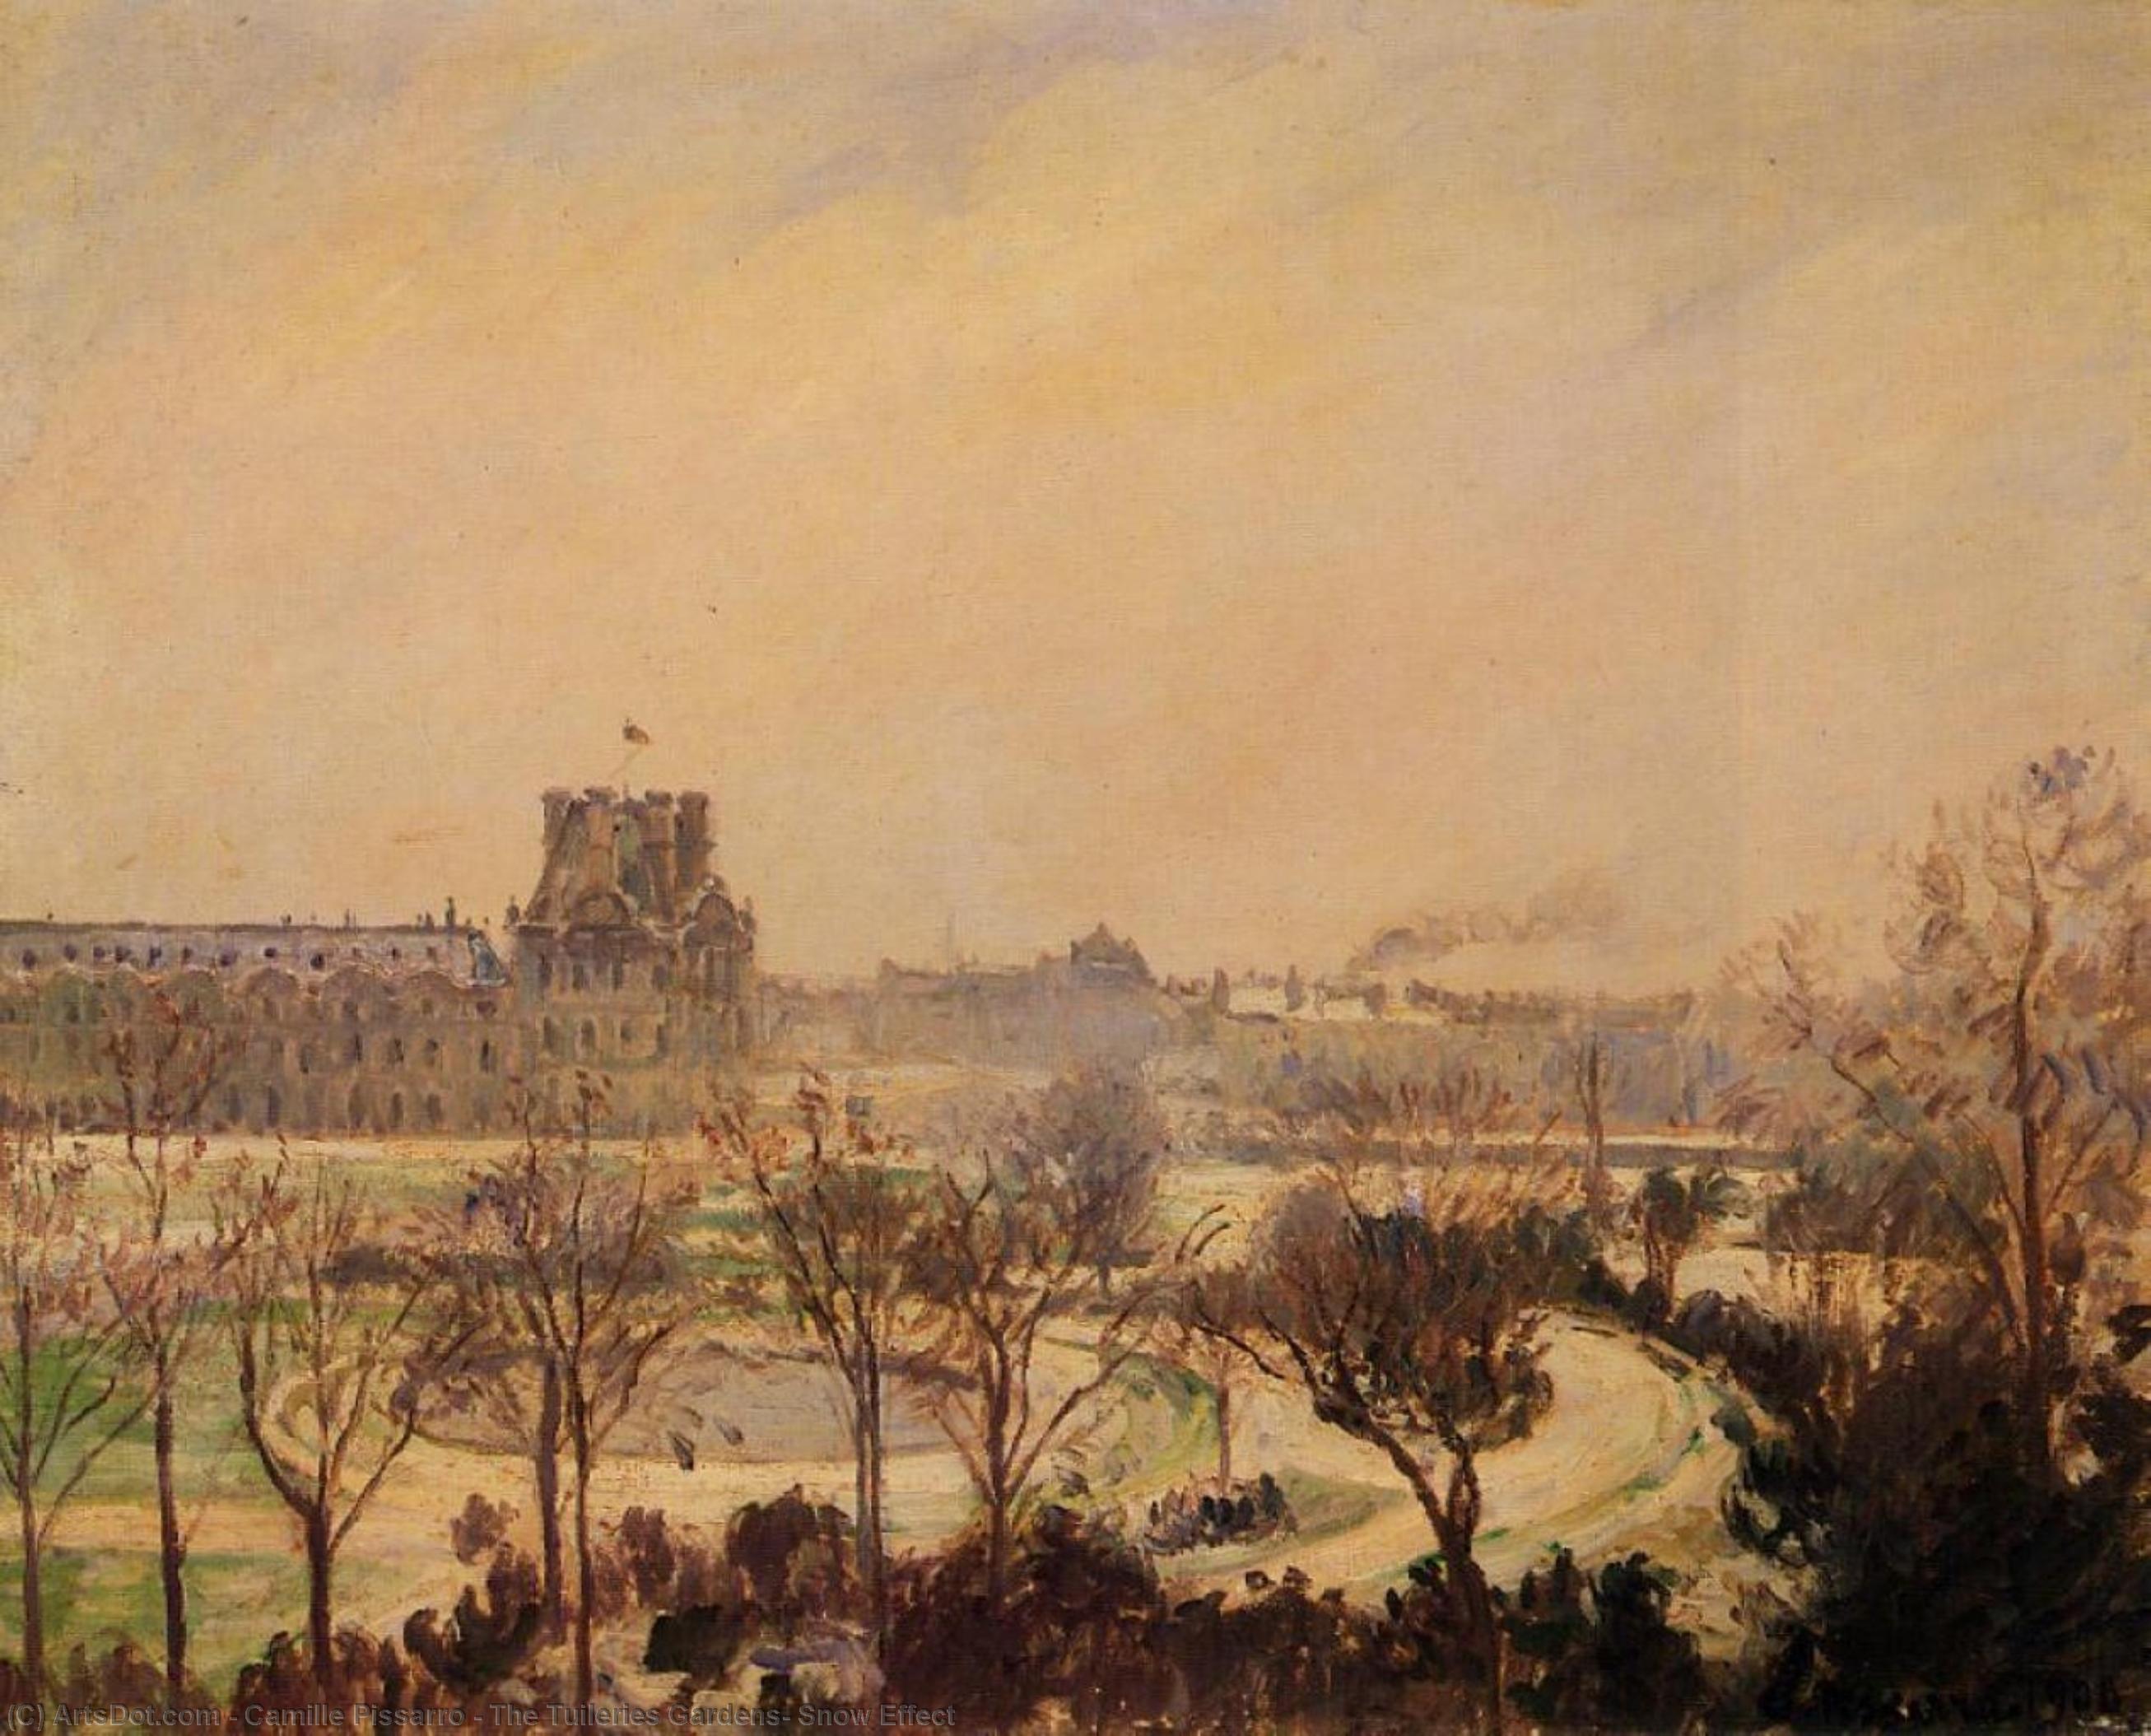 Wikioo.org - Die Enzyklopädie bildender Kunst - Malerei, Kunstwerk von Camille Pissarro - die Tuilerien-Gärten Schnee  wirkung